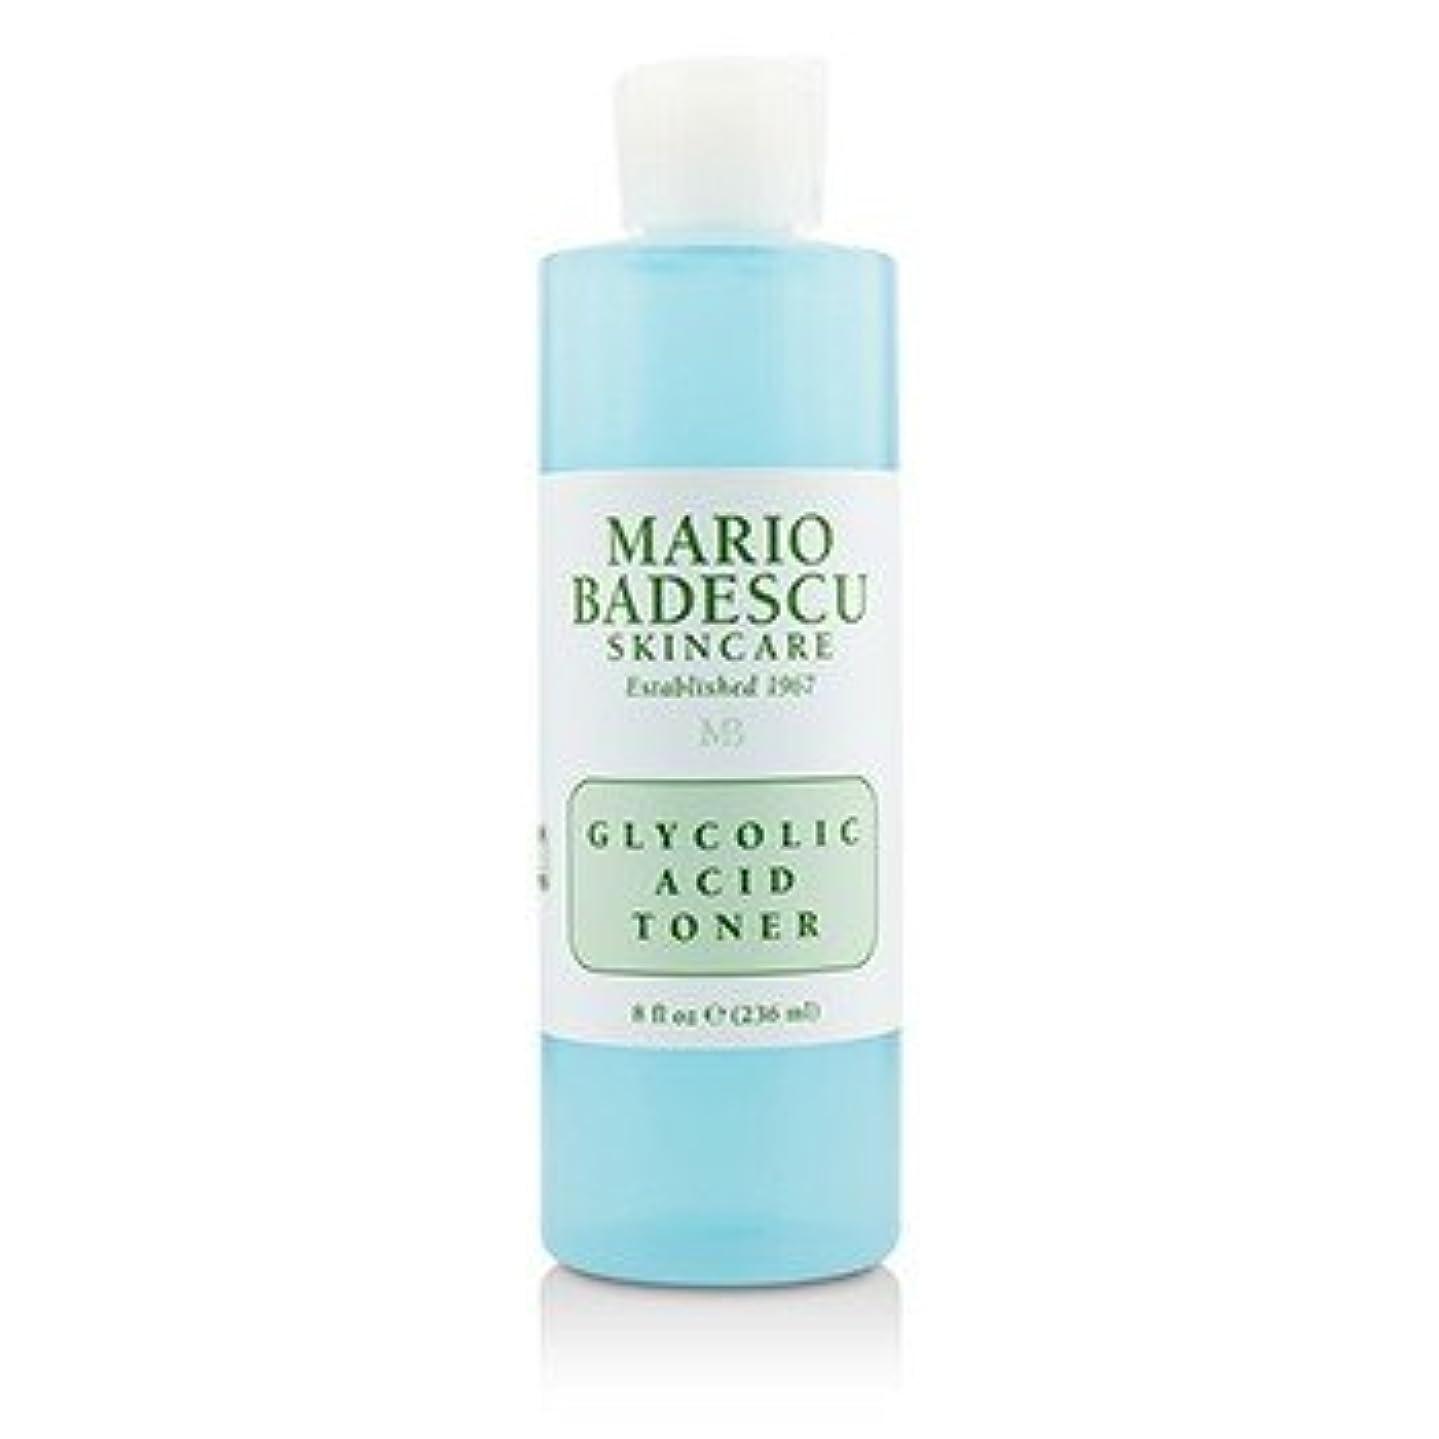 ダイヤモンド割合ジャングル[Mario Badescu] Glycolic Acid Toner - For Combination/ Dry Skin Types 236ml/8oz